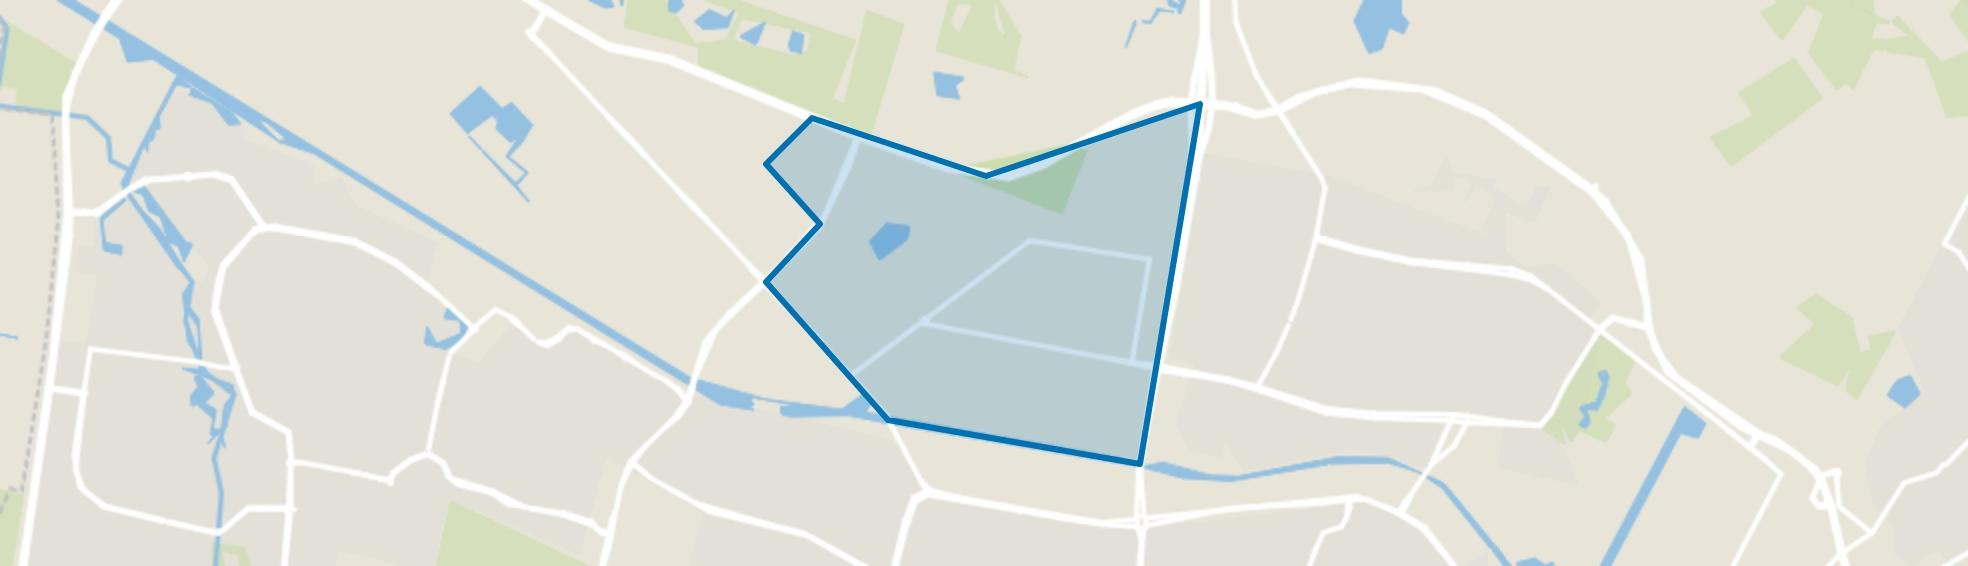 Bedrijventerrein Kraaiven, Tilburg map